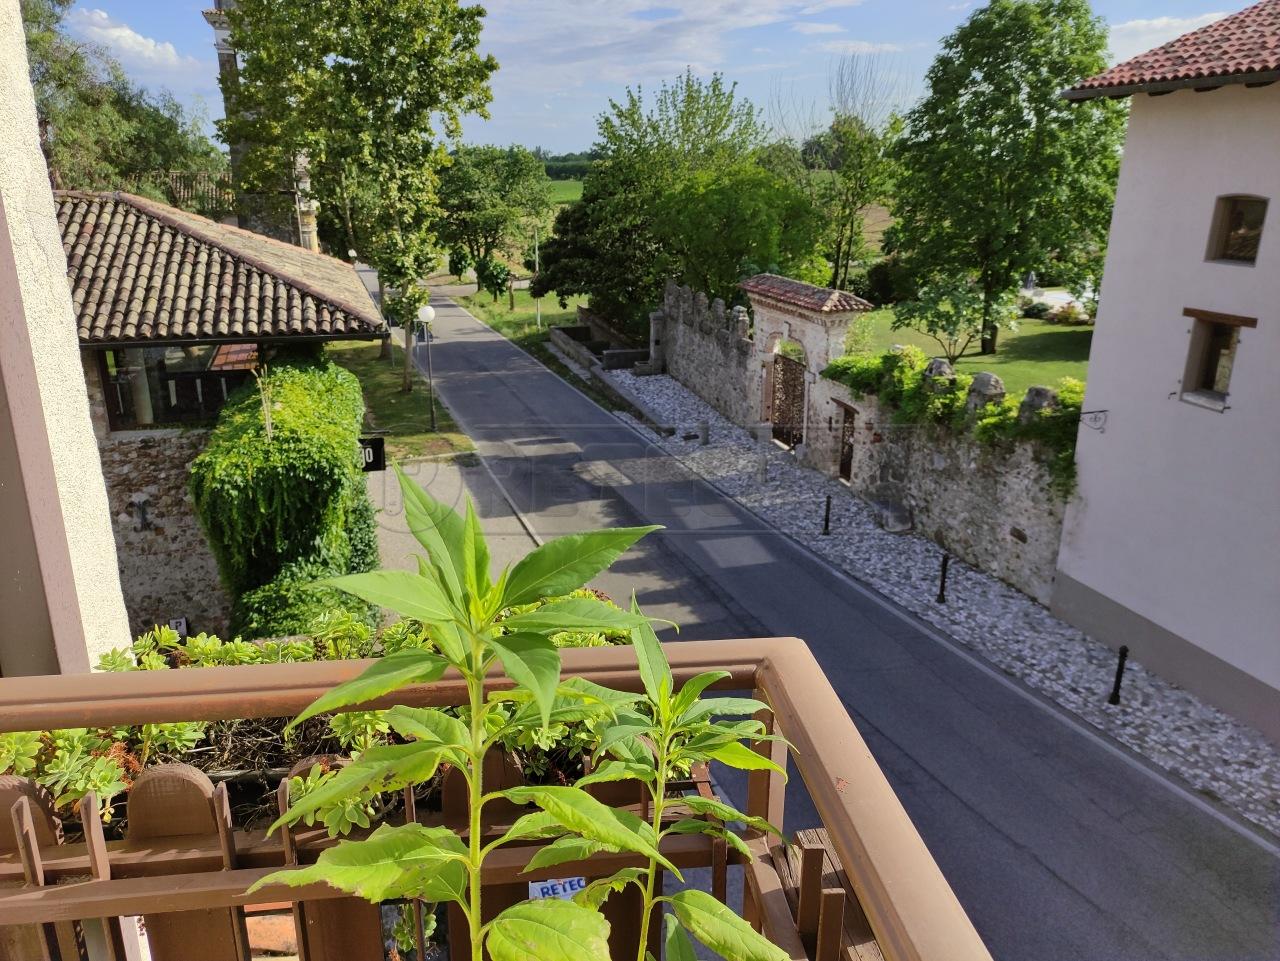 Appartamento in vendita a Tricesimo, 6 locali, prezzo € 99.000 | CambioCasa.it